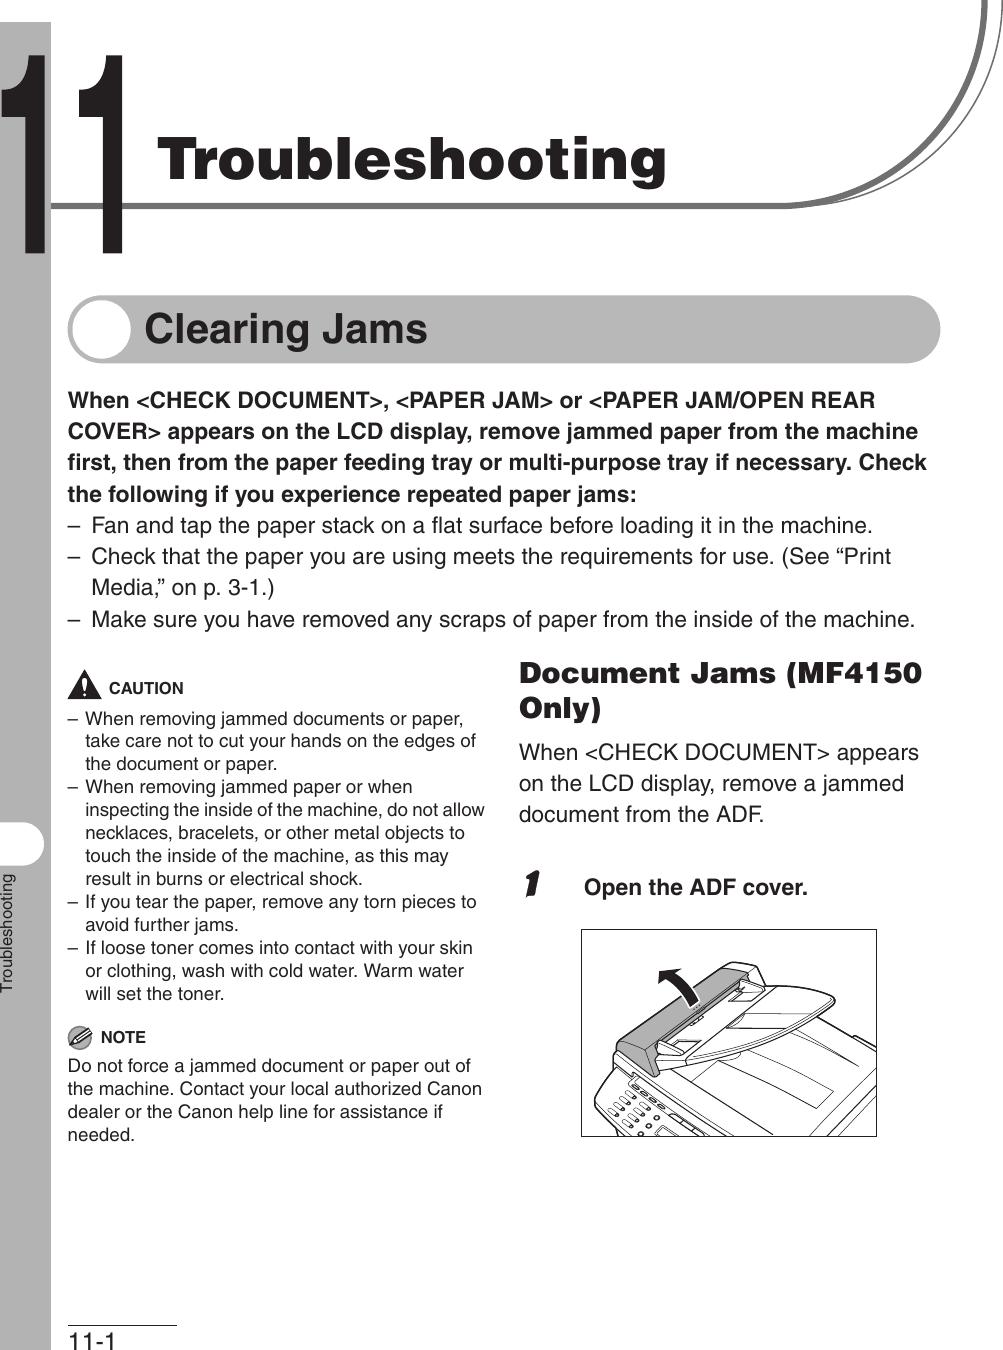 Canon I Sensys Mf4140 Users Manual Basic Guide